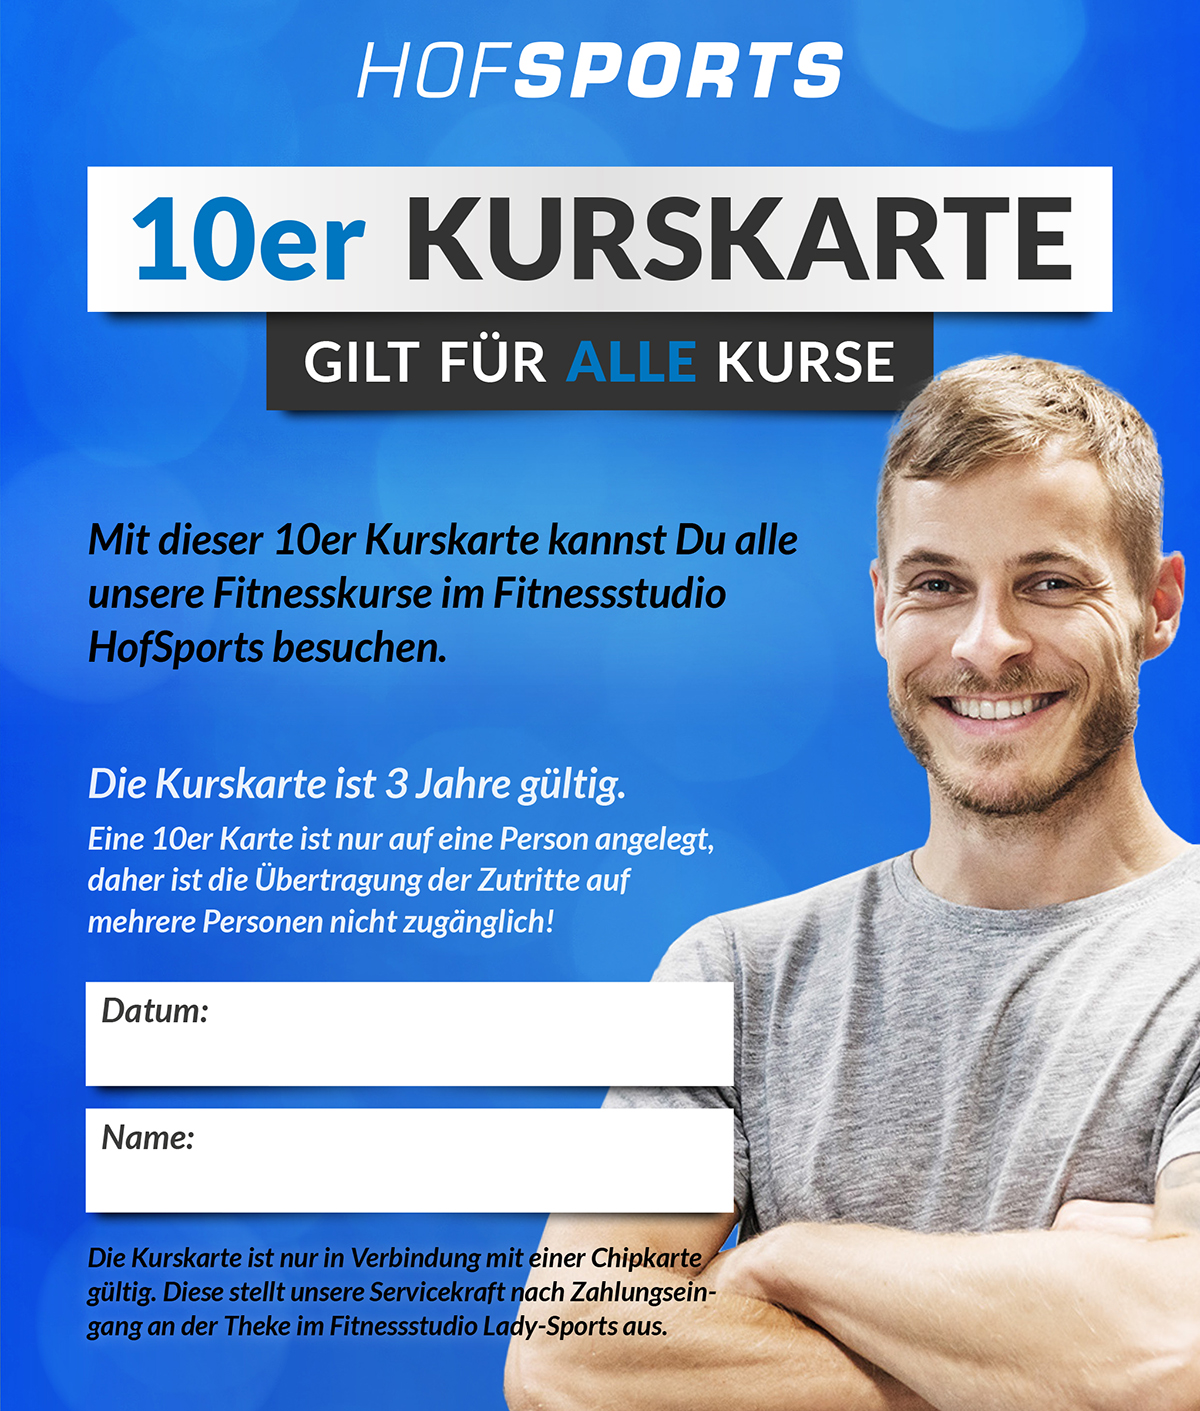 HofSports-10er-Kurskarte-alle-Kurse